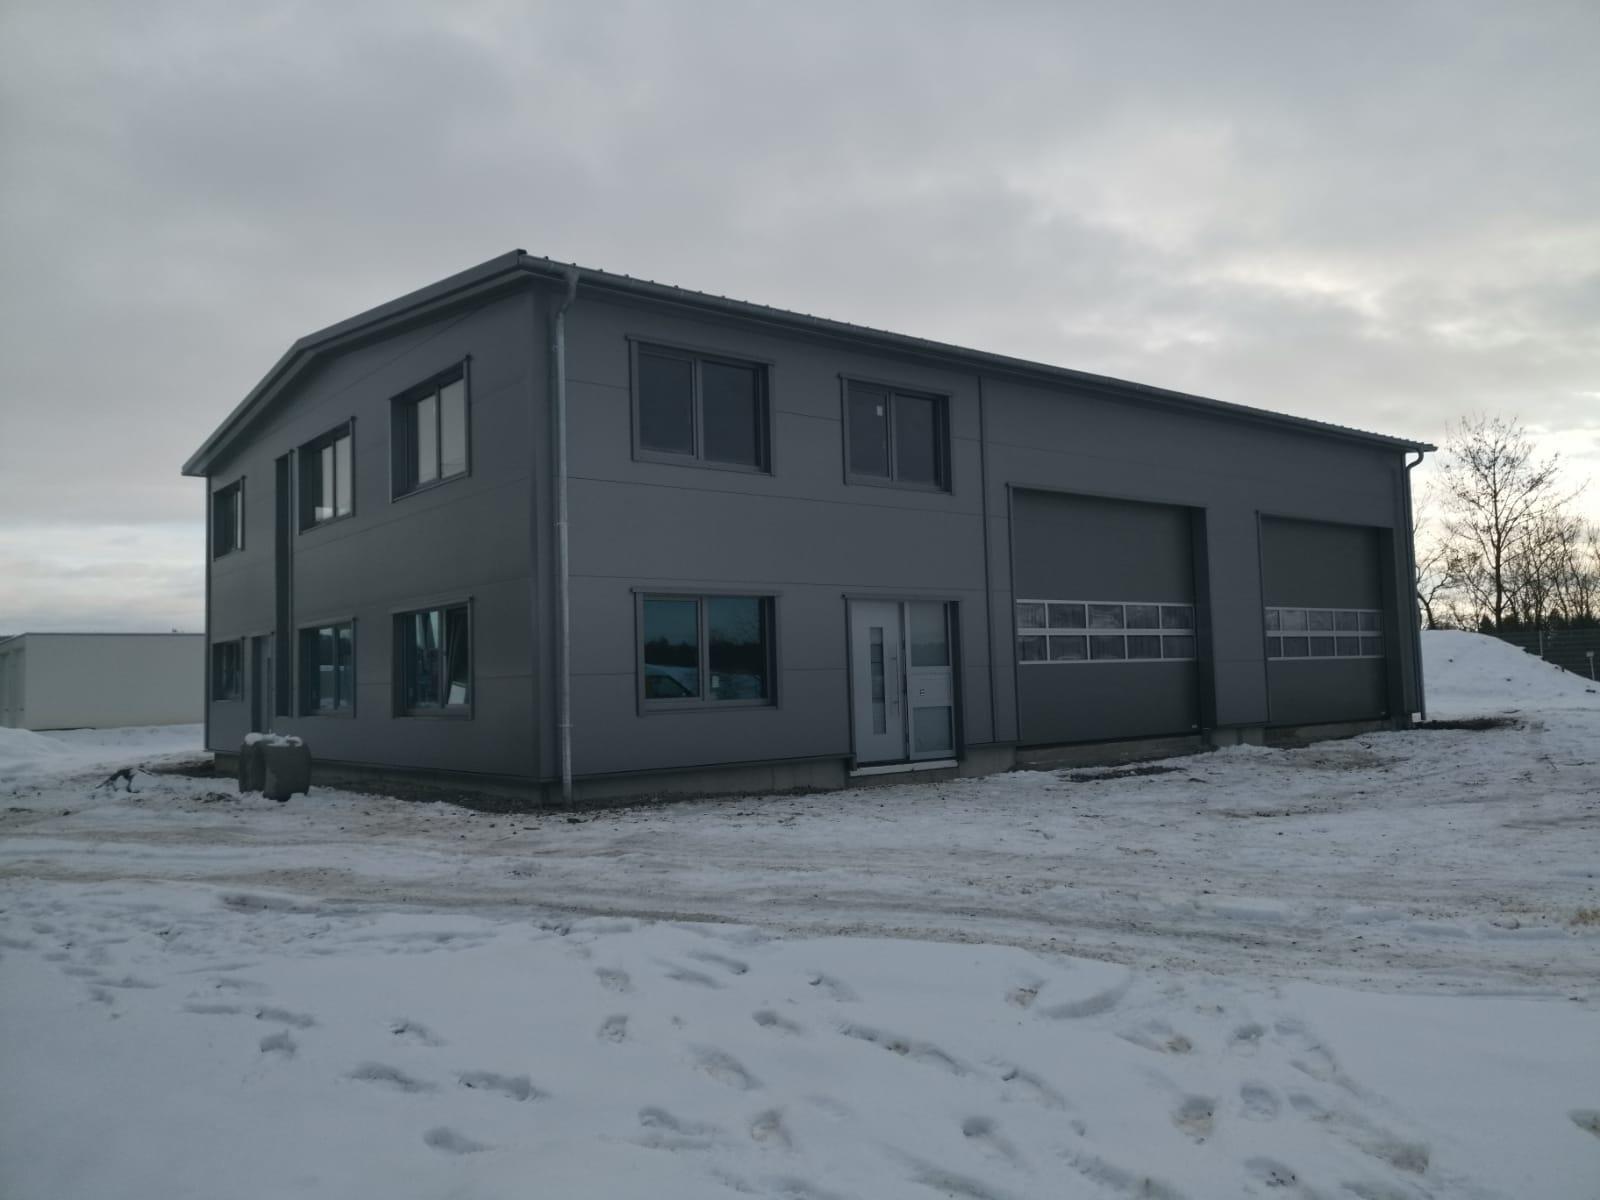 Aufrichten einer Halle mit Dach und Wand für eine Autowerkstatt